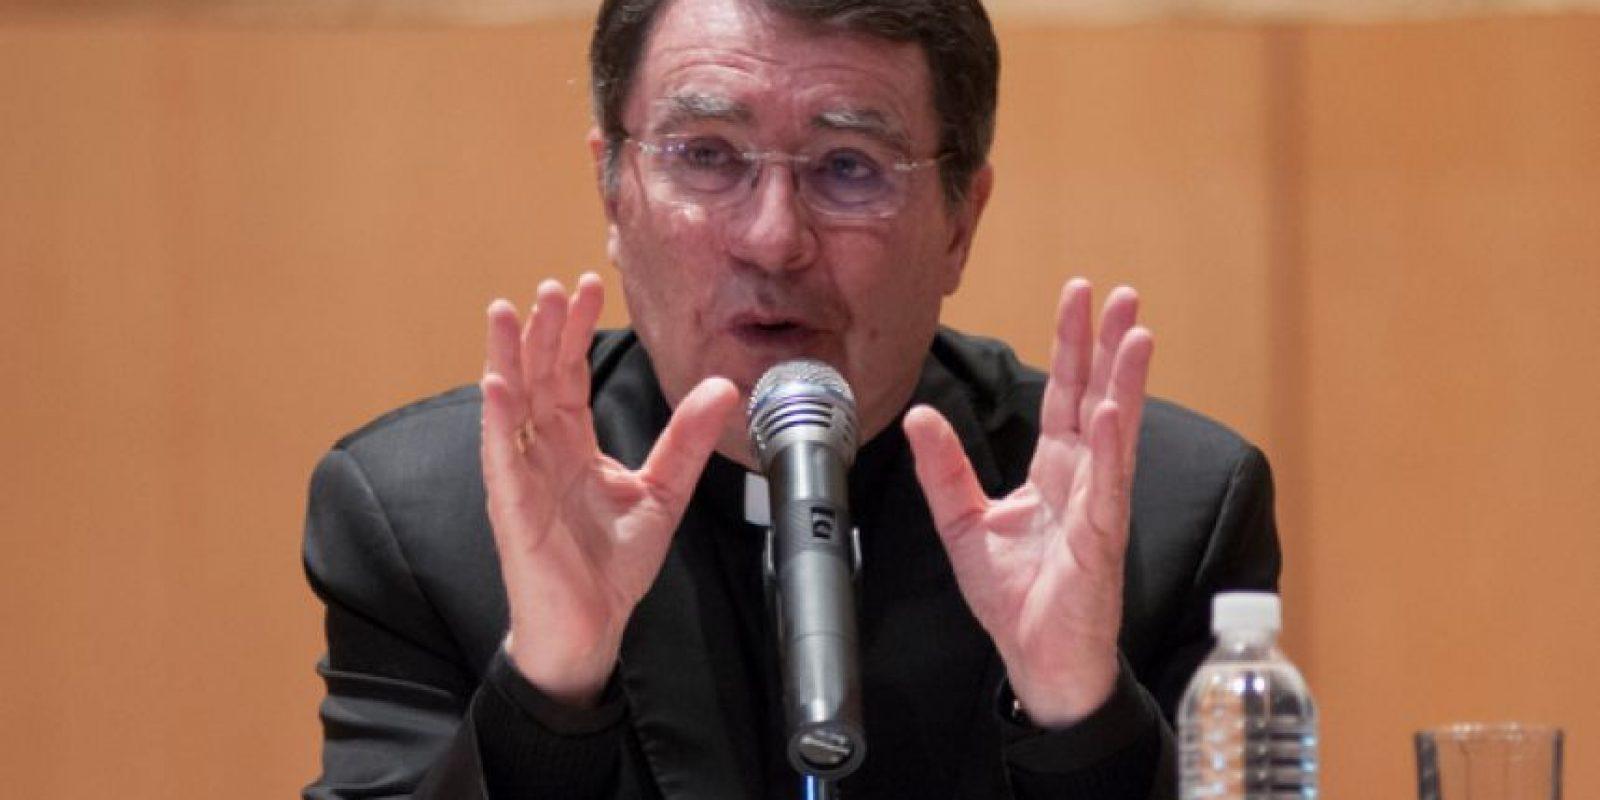 El nuncio apostólico de México, Christophe Pierre fue nombrado el nuevo nuncio de EU, en sustitución de Carlo María Vigano. Foto:Cuartoscuro